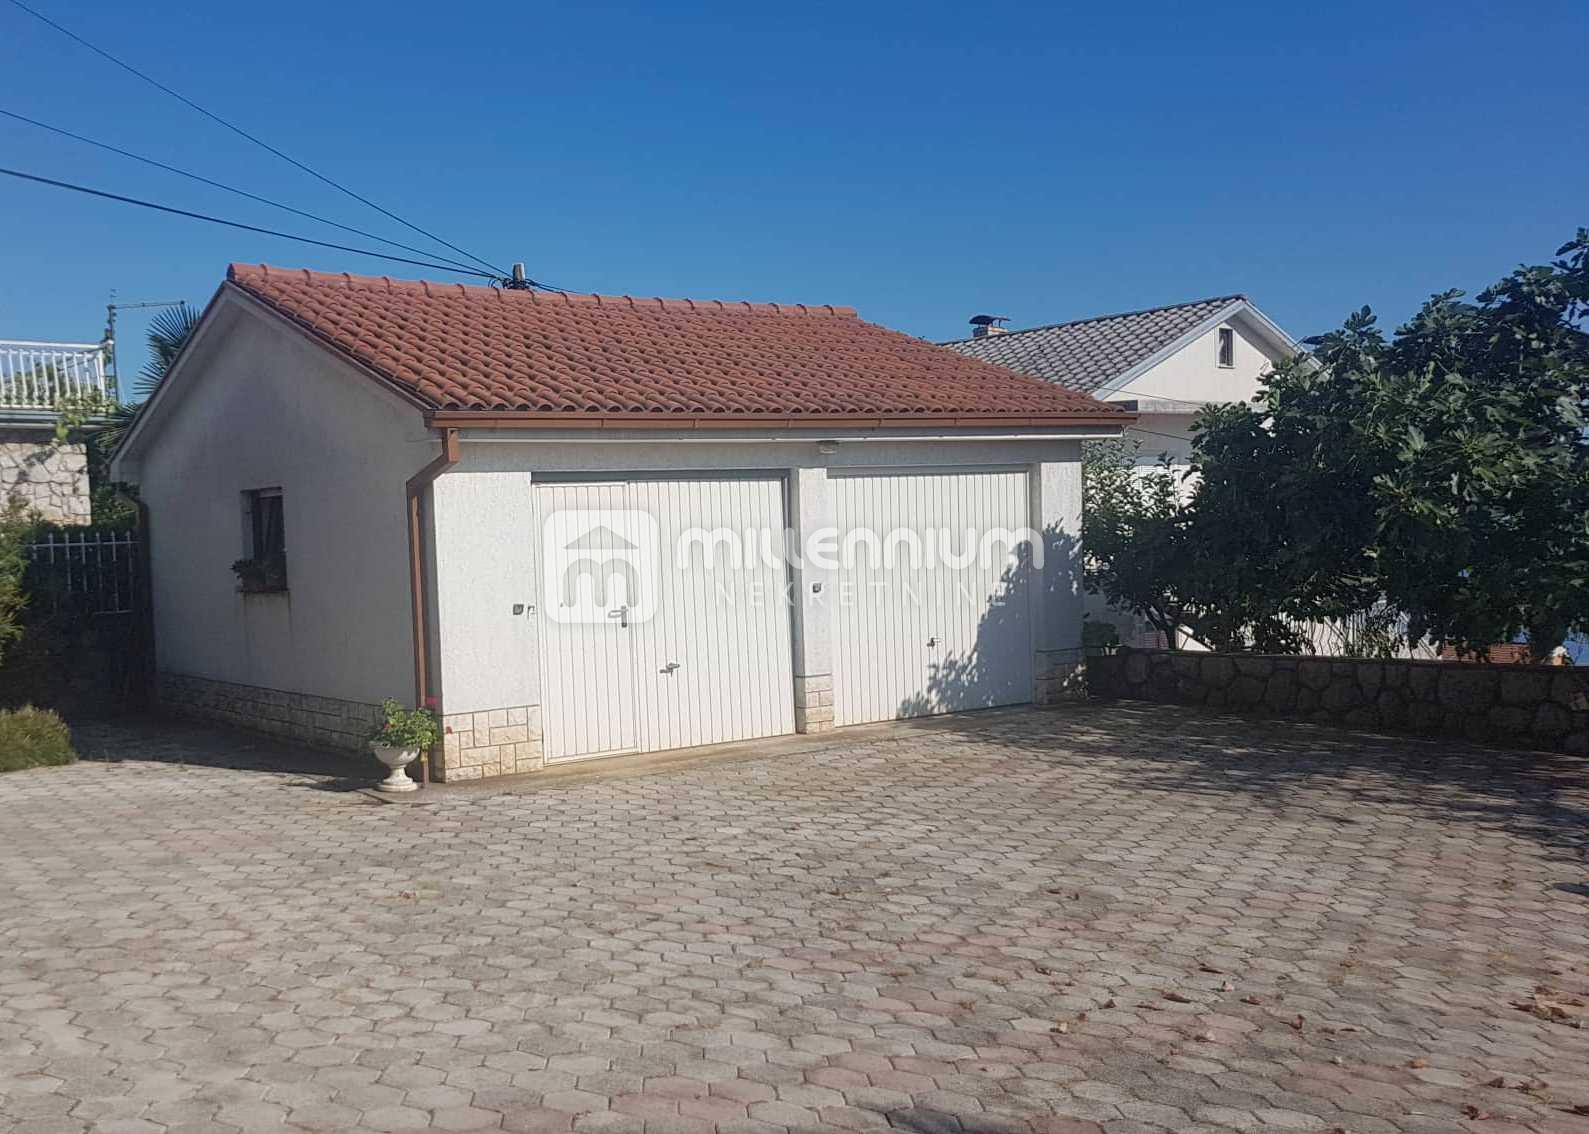 Kastav, Brestovice, kuća s 4 stana, poslovnim prostorom i velikom okućnicom